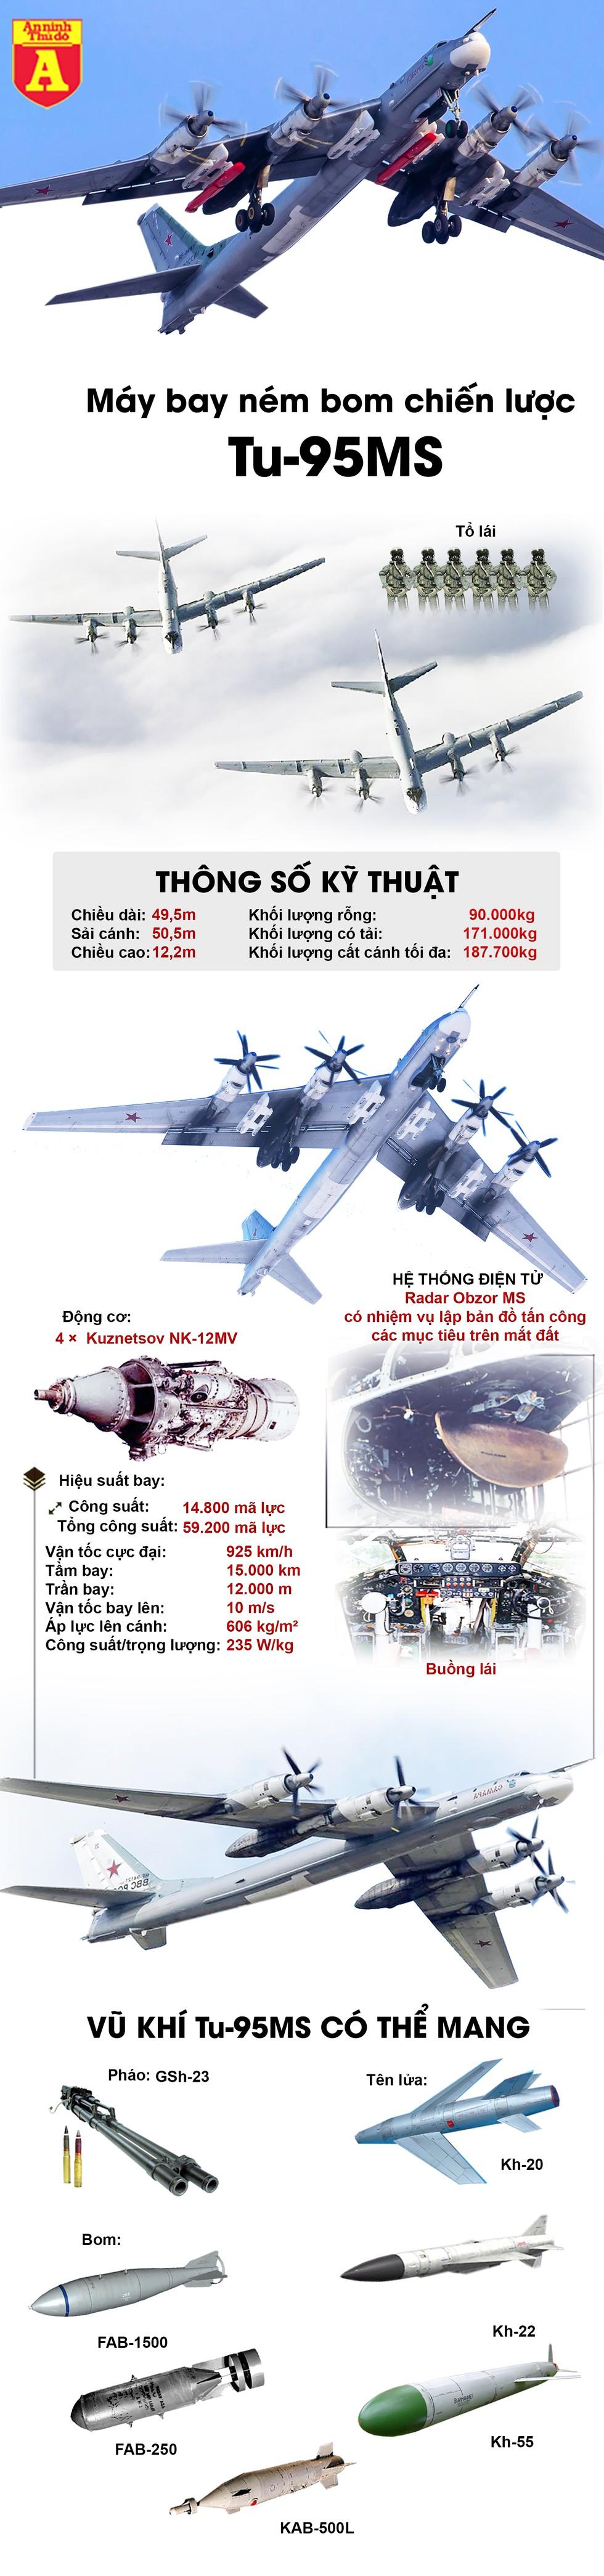 """[Infographics] """"Gấu bay"""" Tu-95MS lọt top máy bay cực nguy hiểm của Nga - Ảnh 1"""